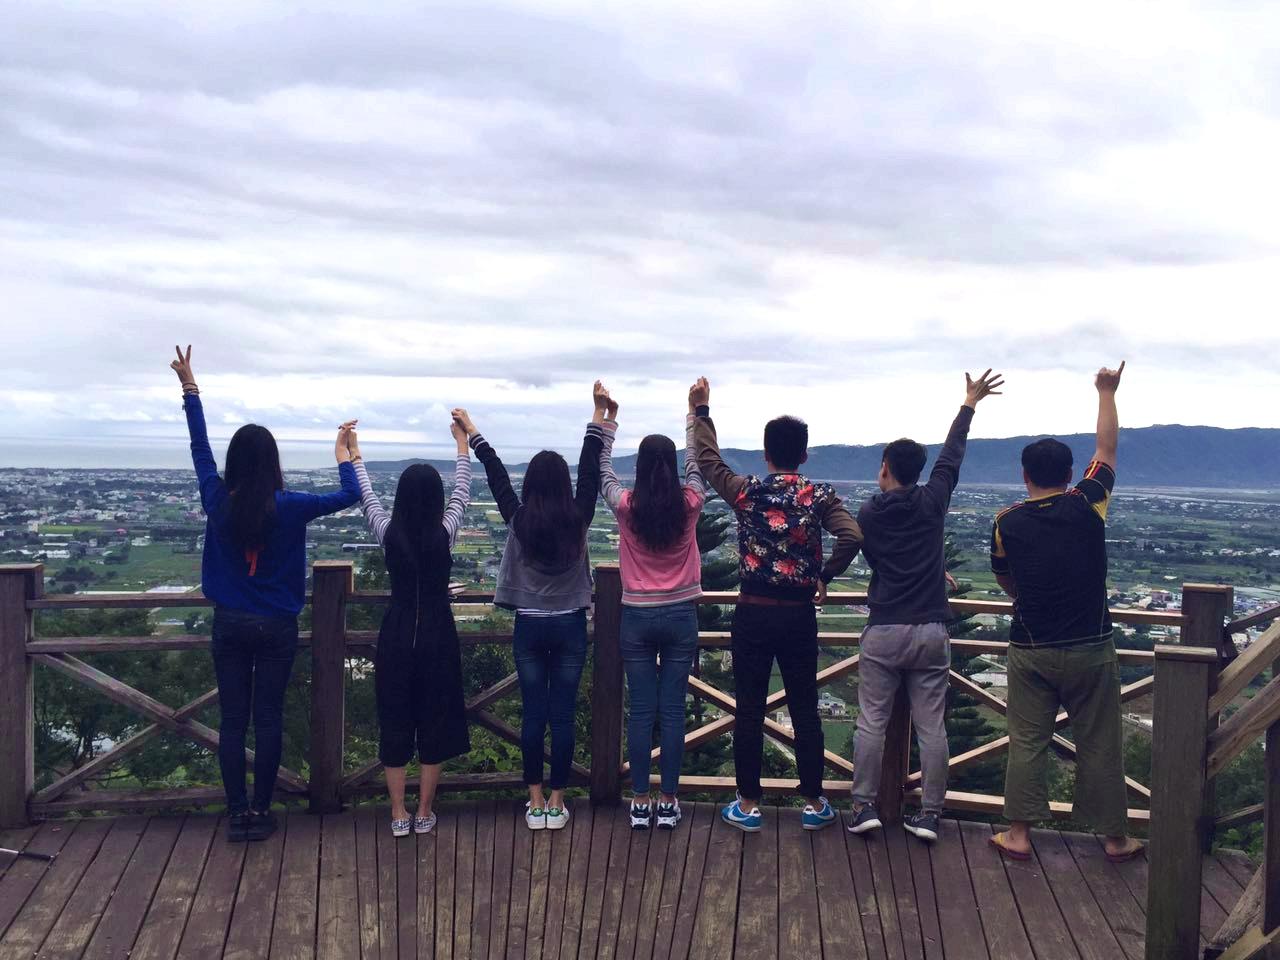 跟朋友去台北怎么玩,和闺蜜去台北适合去哪玩,和朋友去台北游玩景点推荐